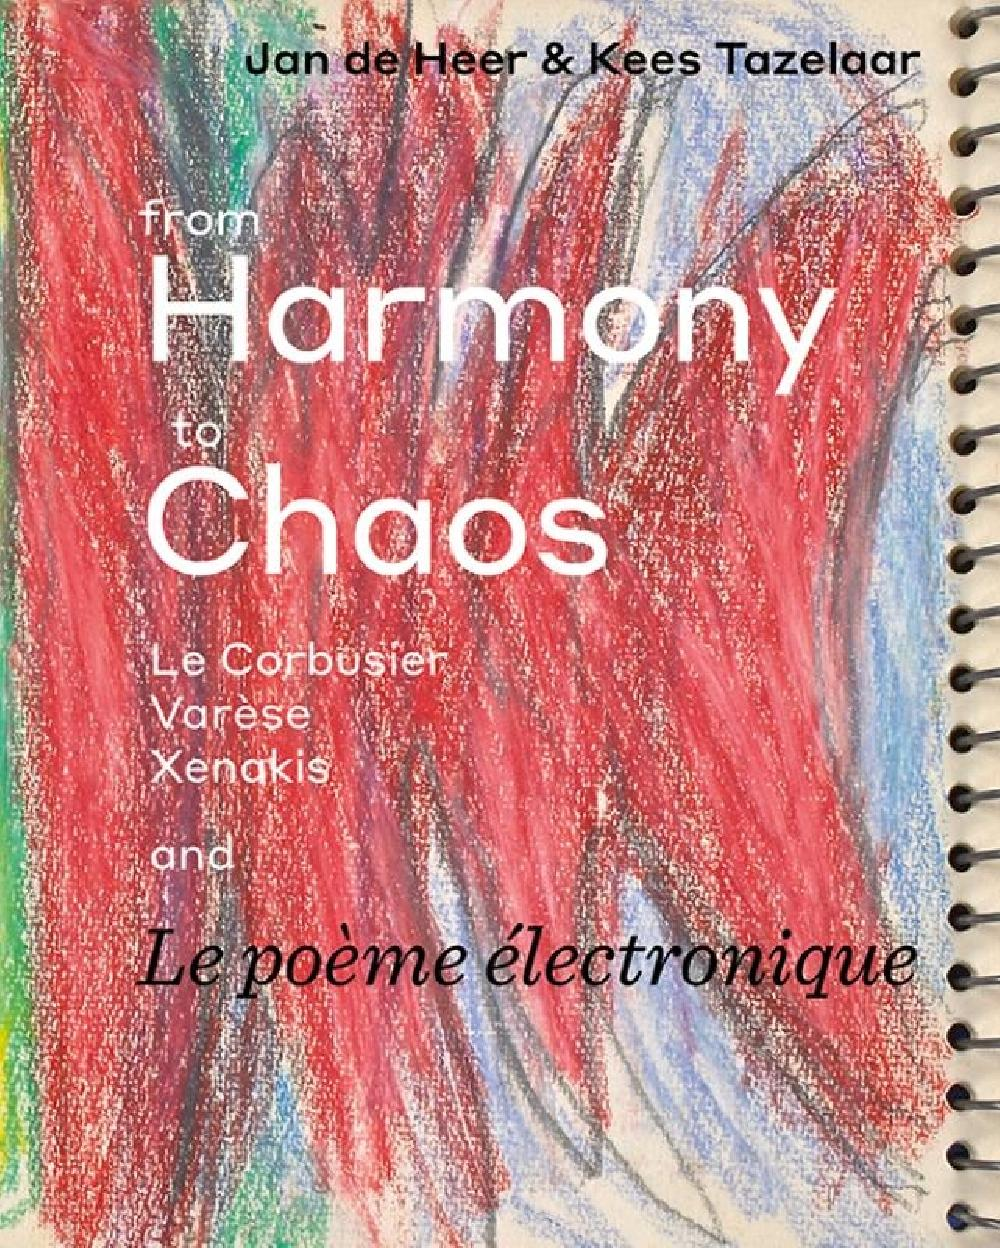 From Harmony to Chaos: Le Corbusier, Varèse, Xenakis et Le poème électronique